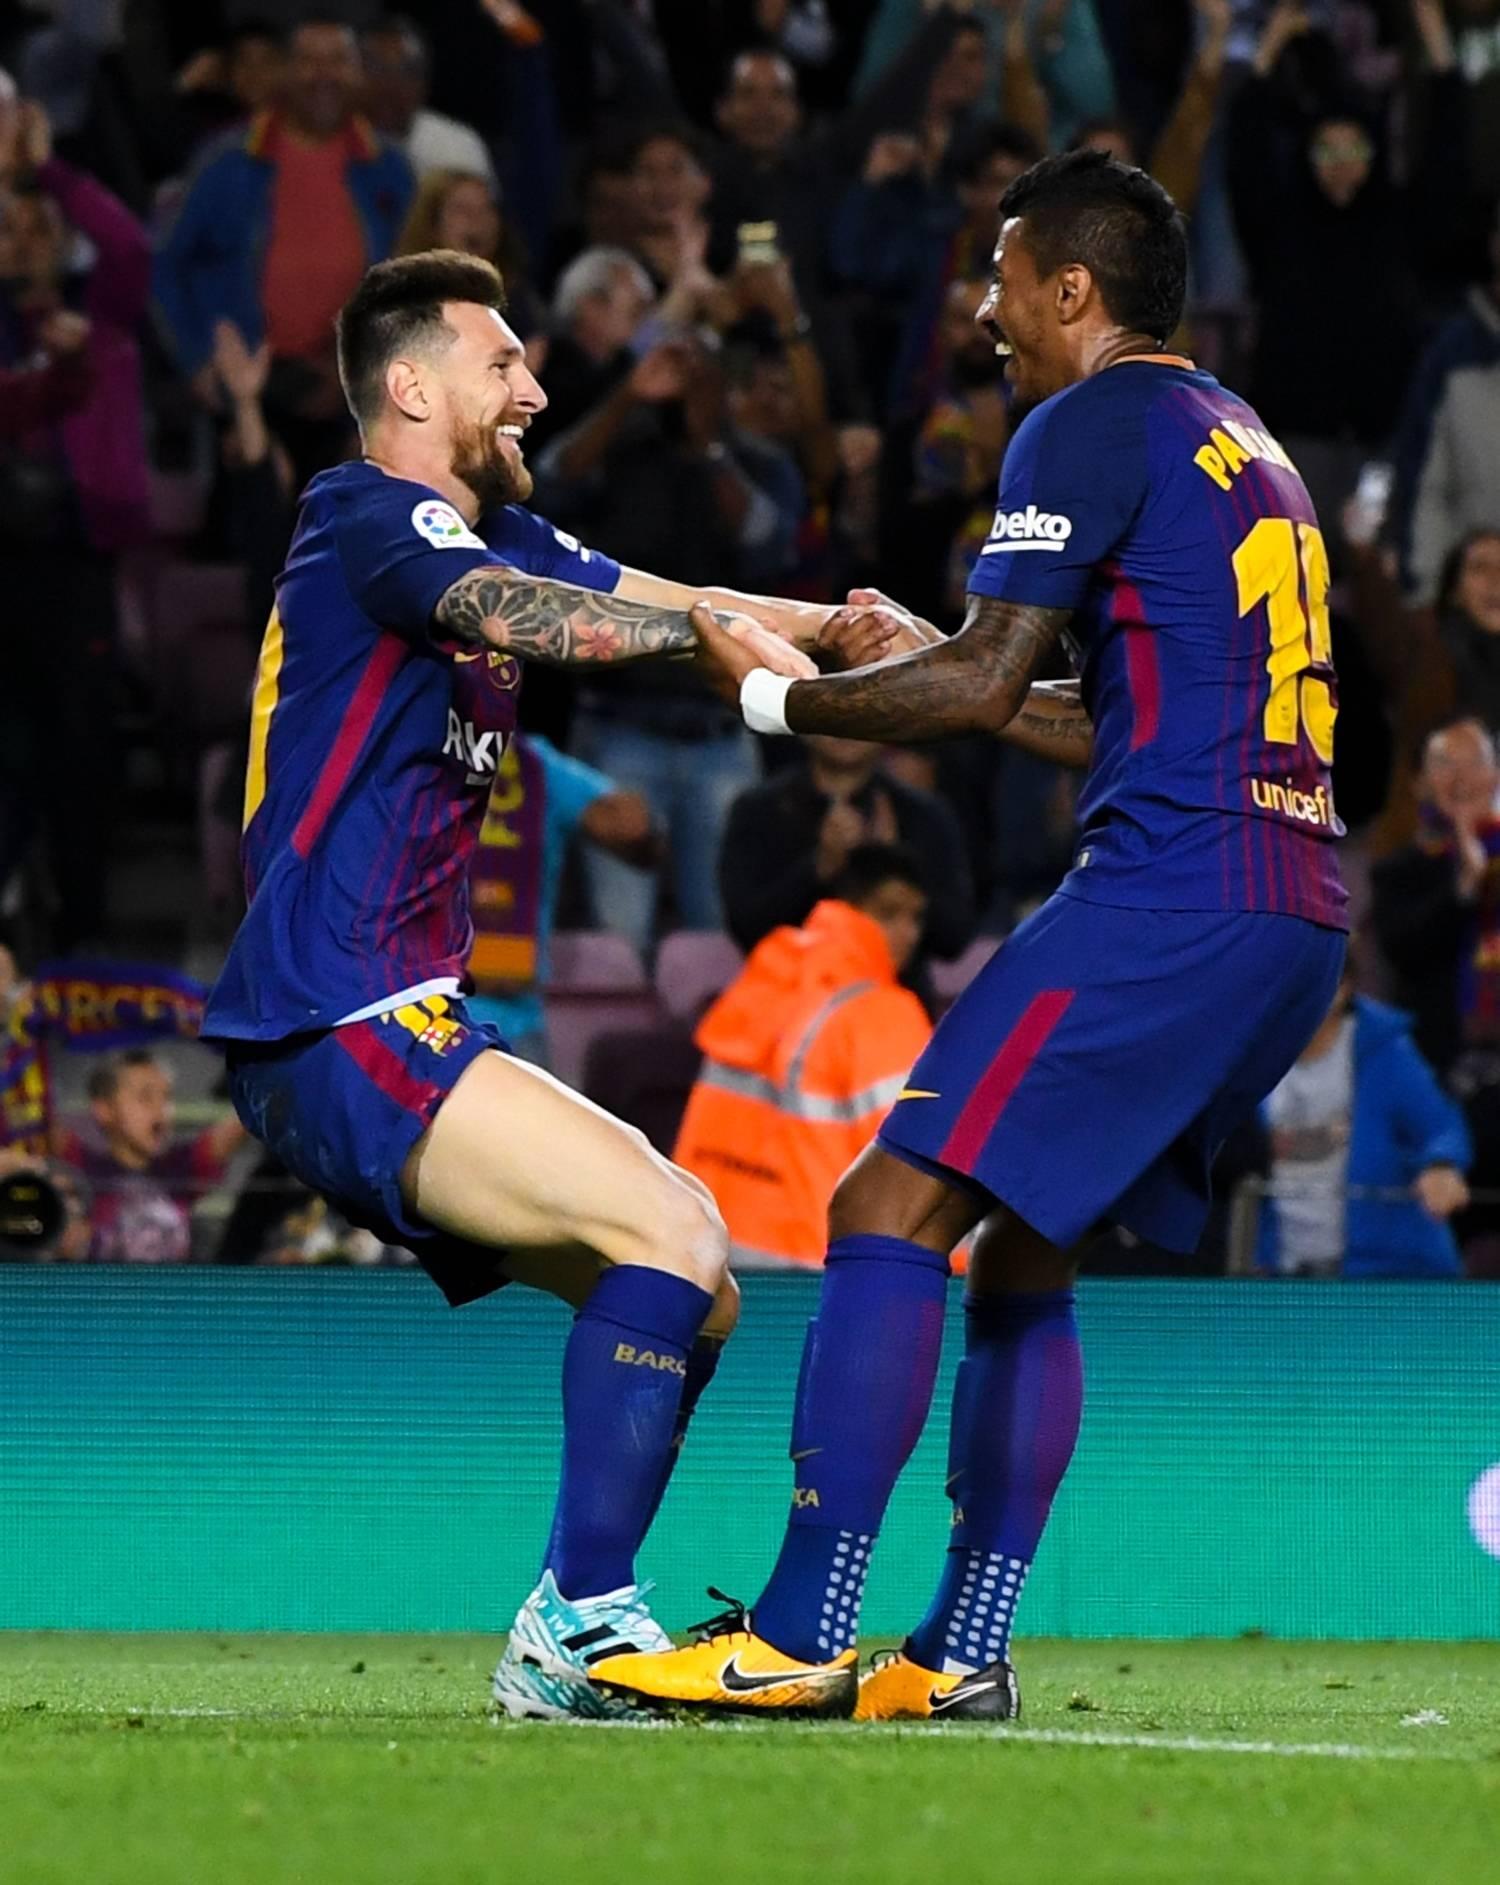 Paulinho diz viver 'privilégio' por jogar com Messi e festeja momento